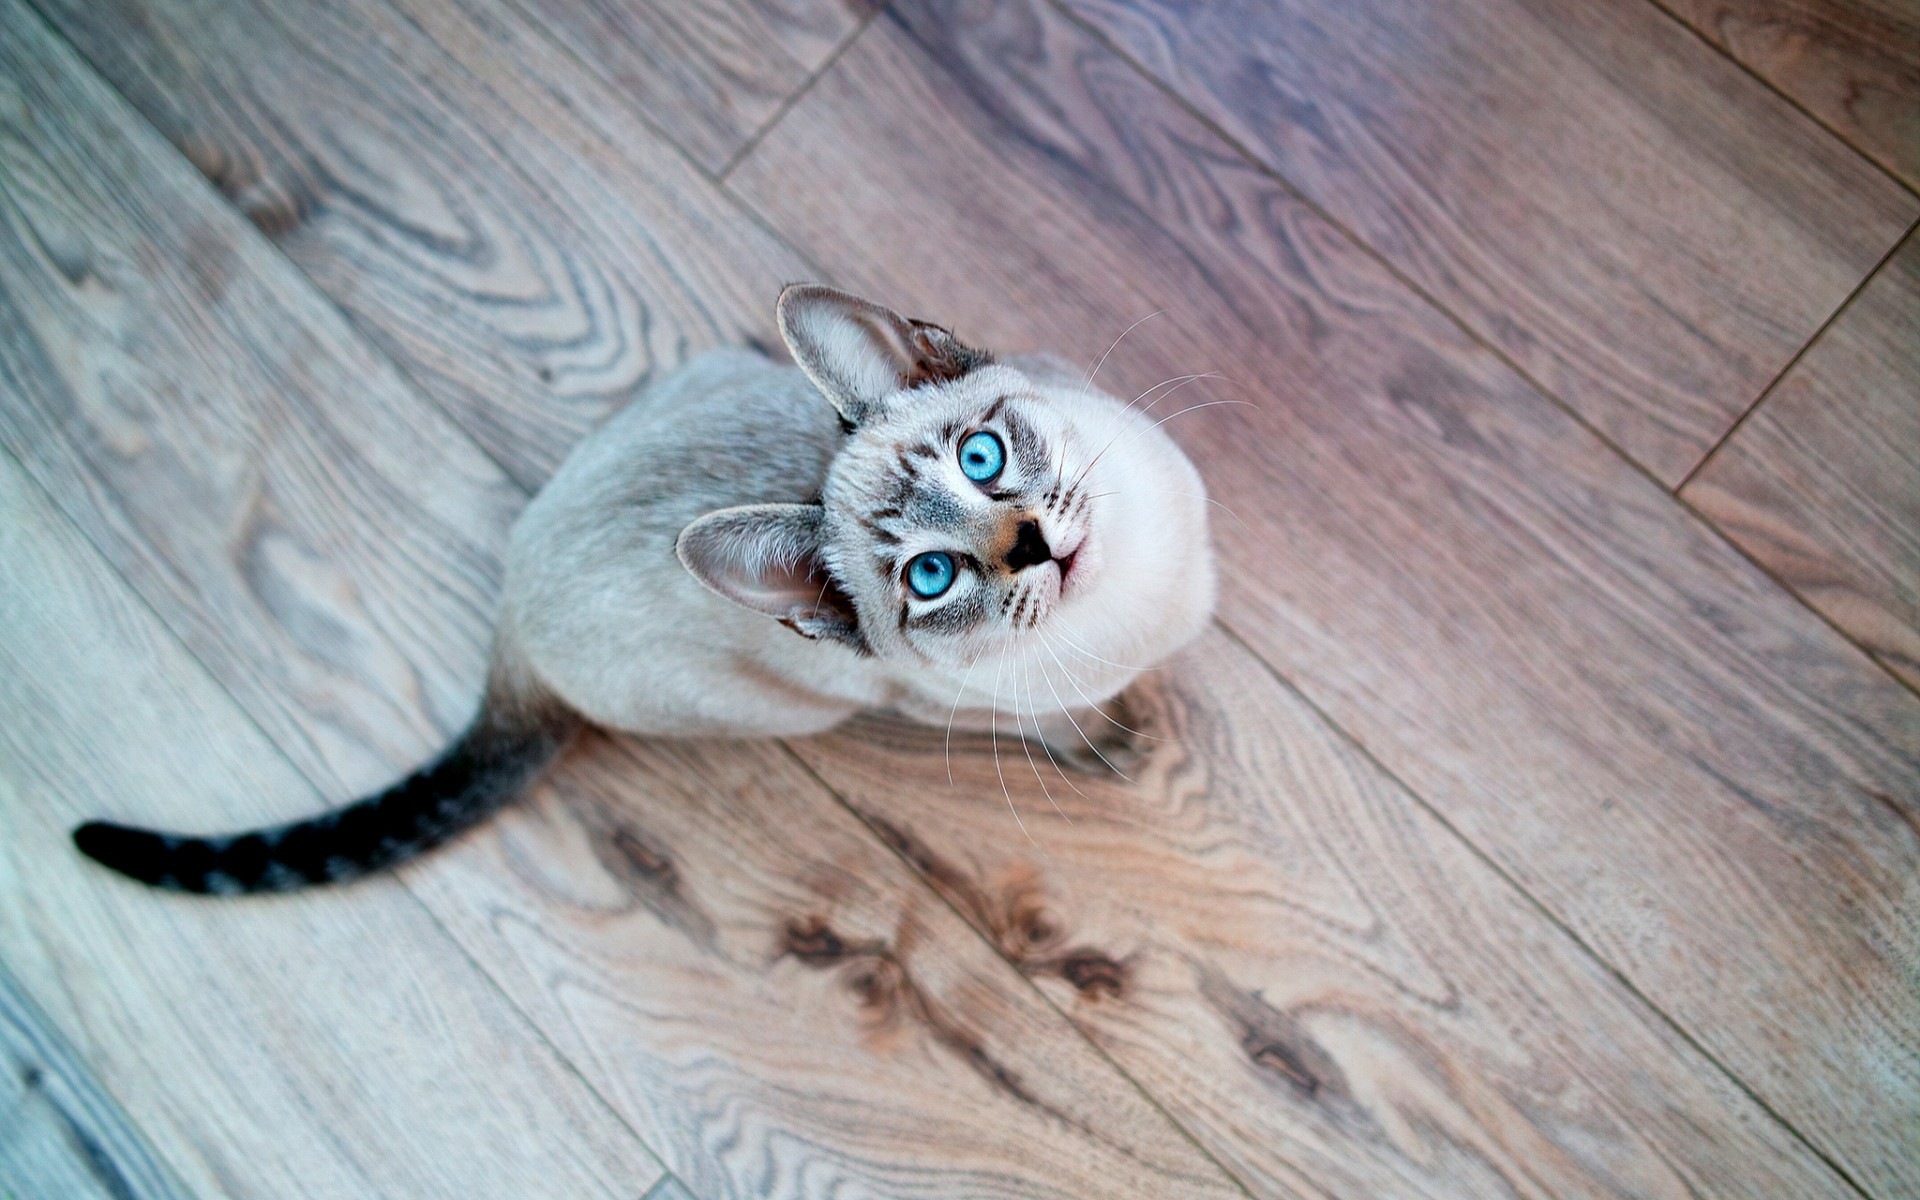 Gato de ojos turquesa - 1920x1200